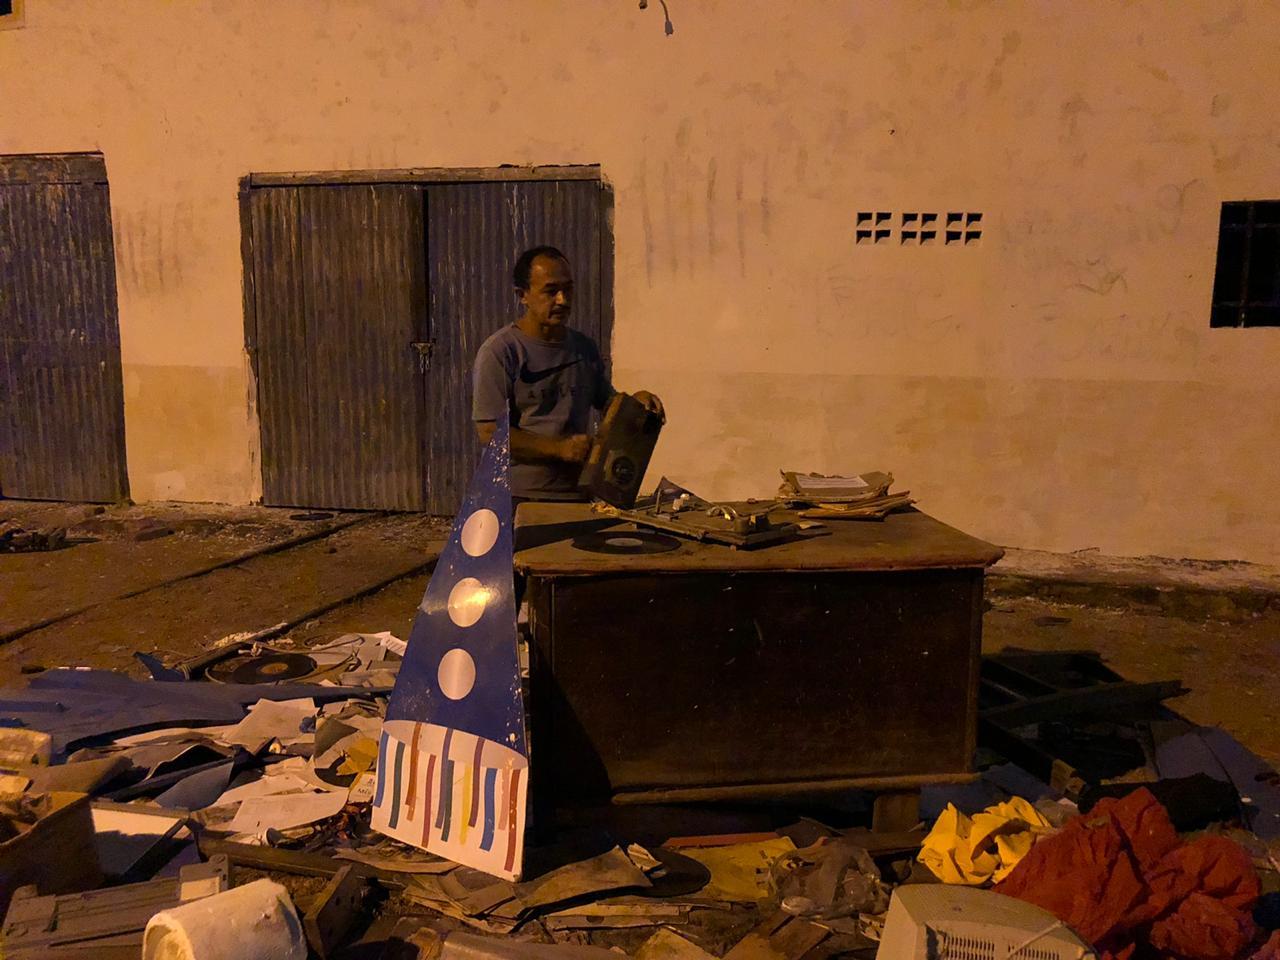 WhatsApp Image 2020 08 04 at 06.33.22 2 - DENÚNCIA: prefeitura de Pombal desaloja grupo de cultura da cidade e joga acervo centenário nas ruas; VEJA VÍDEO